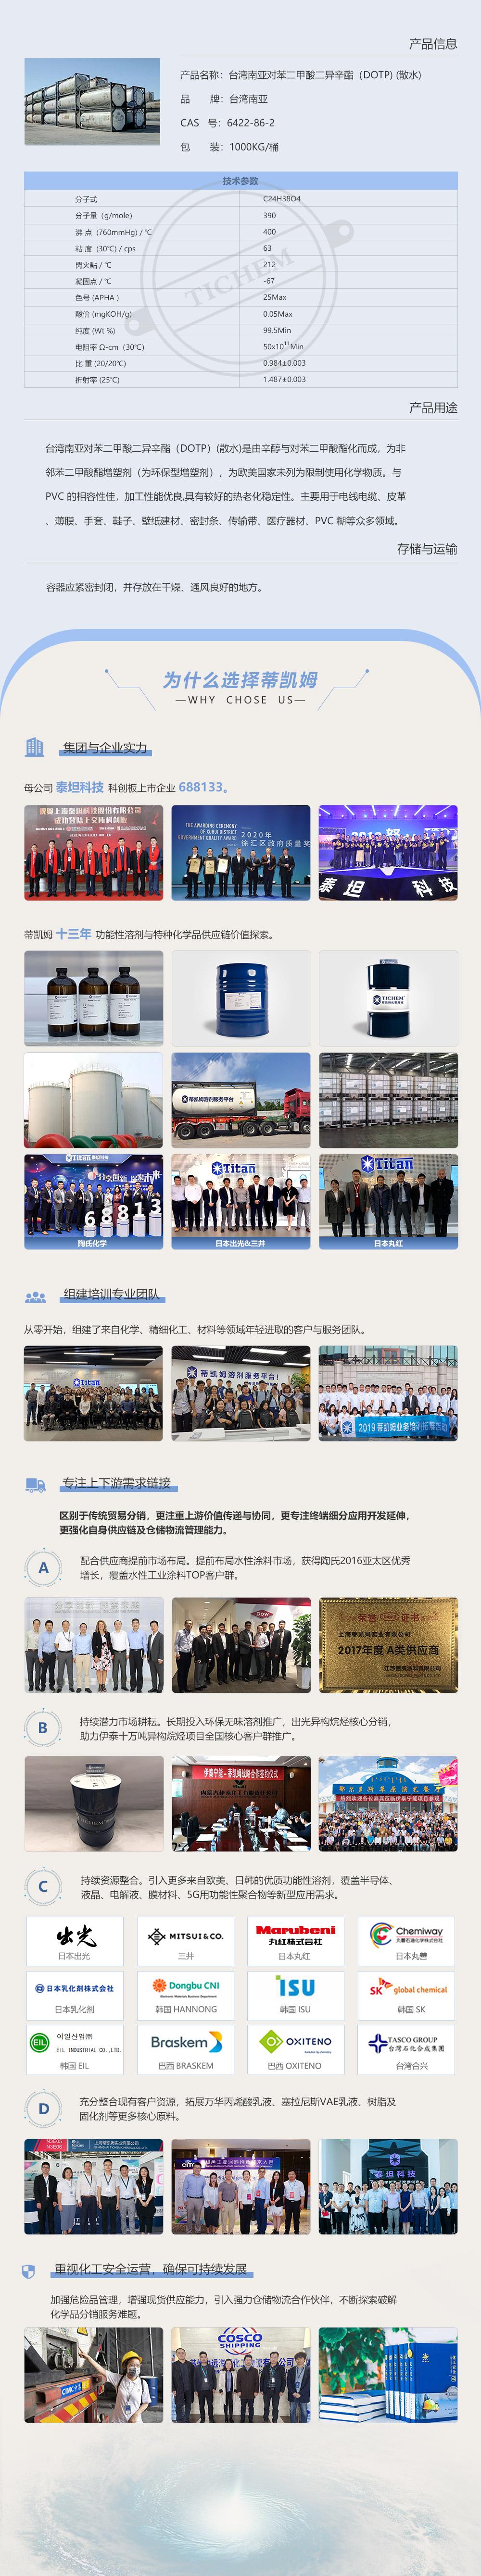 产品详情页样图-1000.jpg